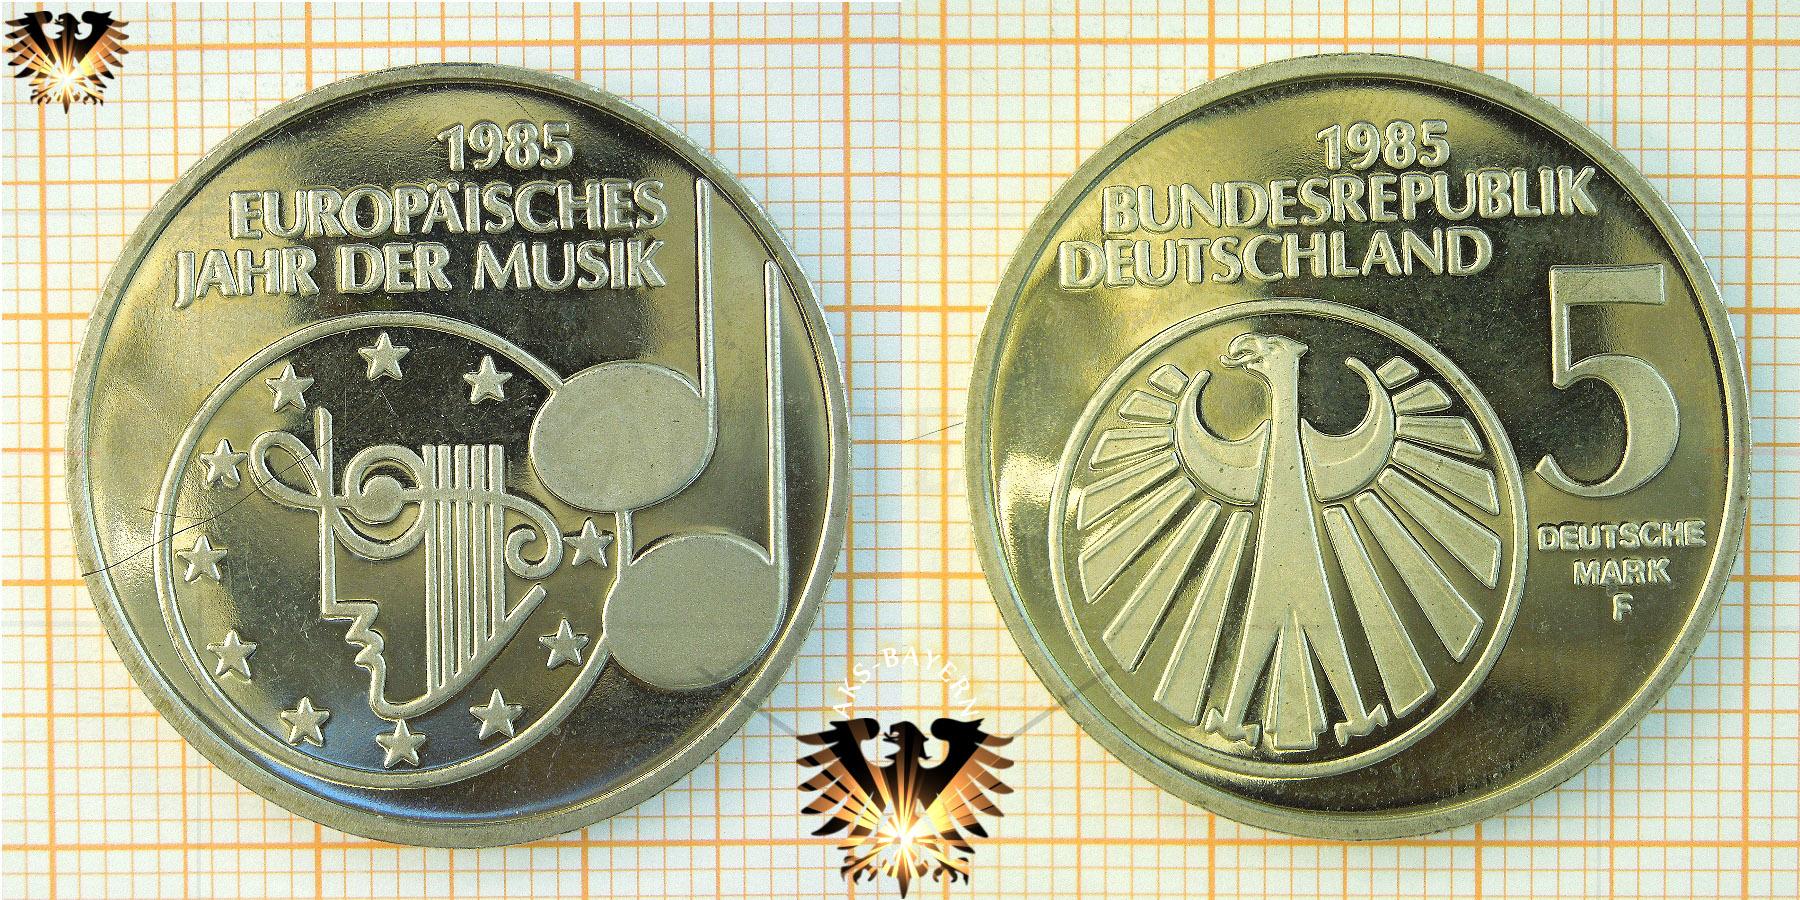 5 Dm Brd 1985 F Europäisches Jahr Der Musik Mit Bildern